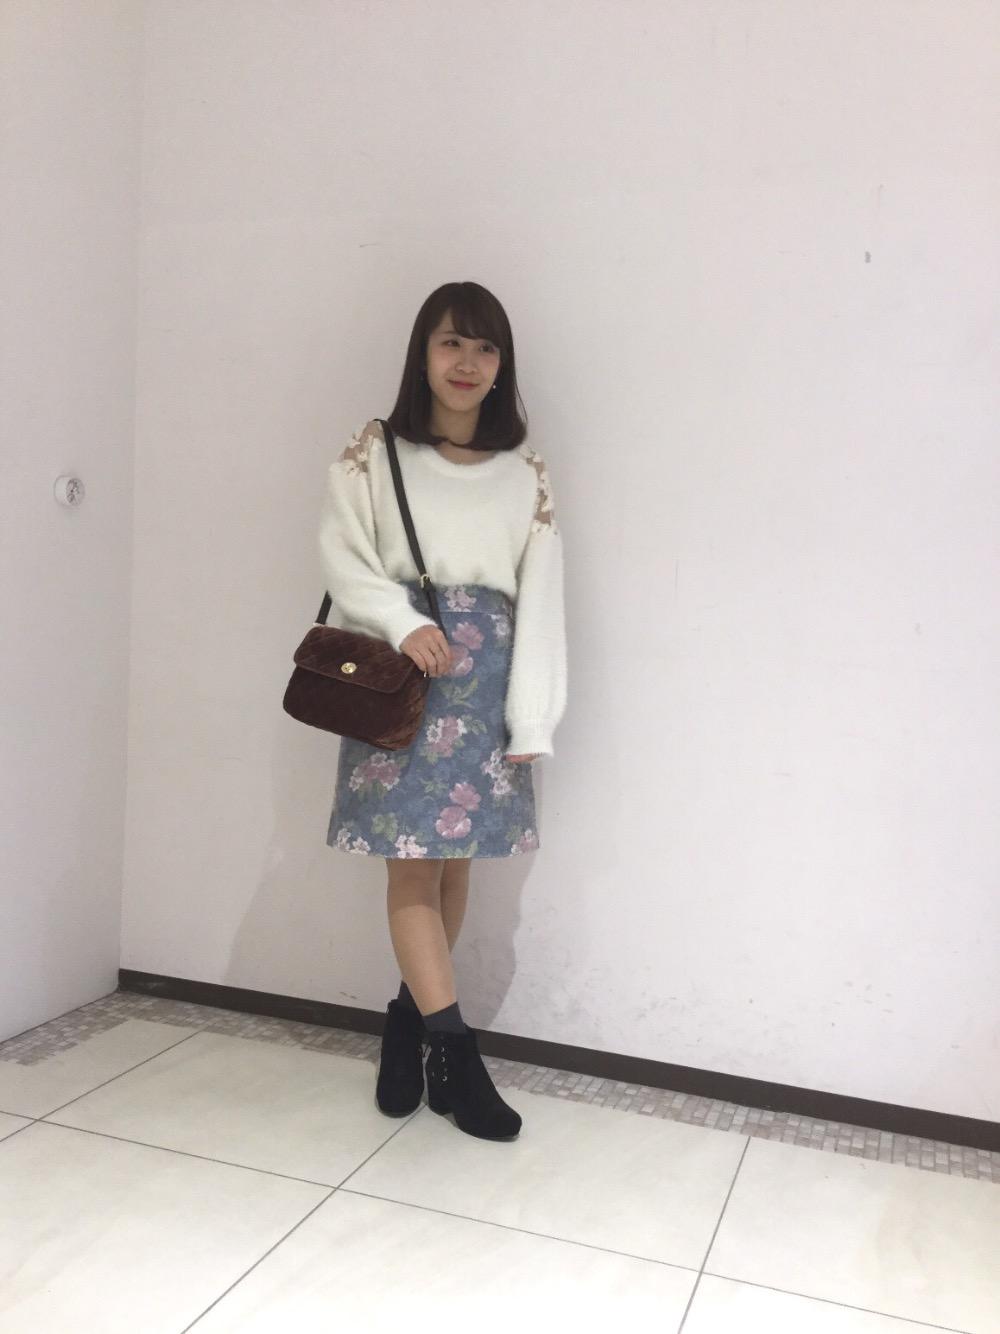 MAJESTIC LEGONフィール旭川店